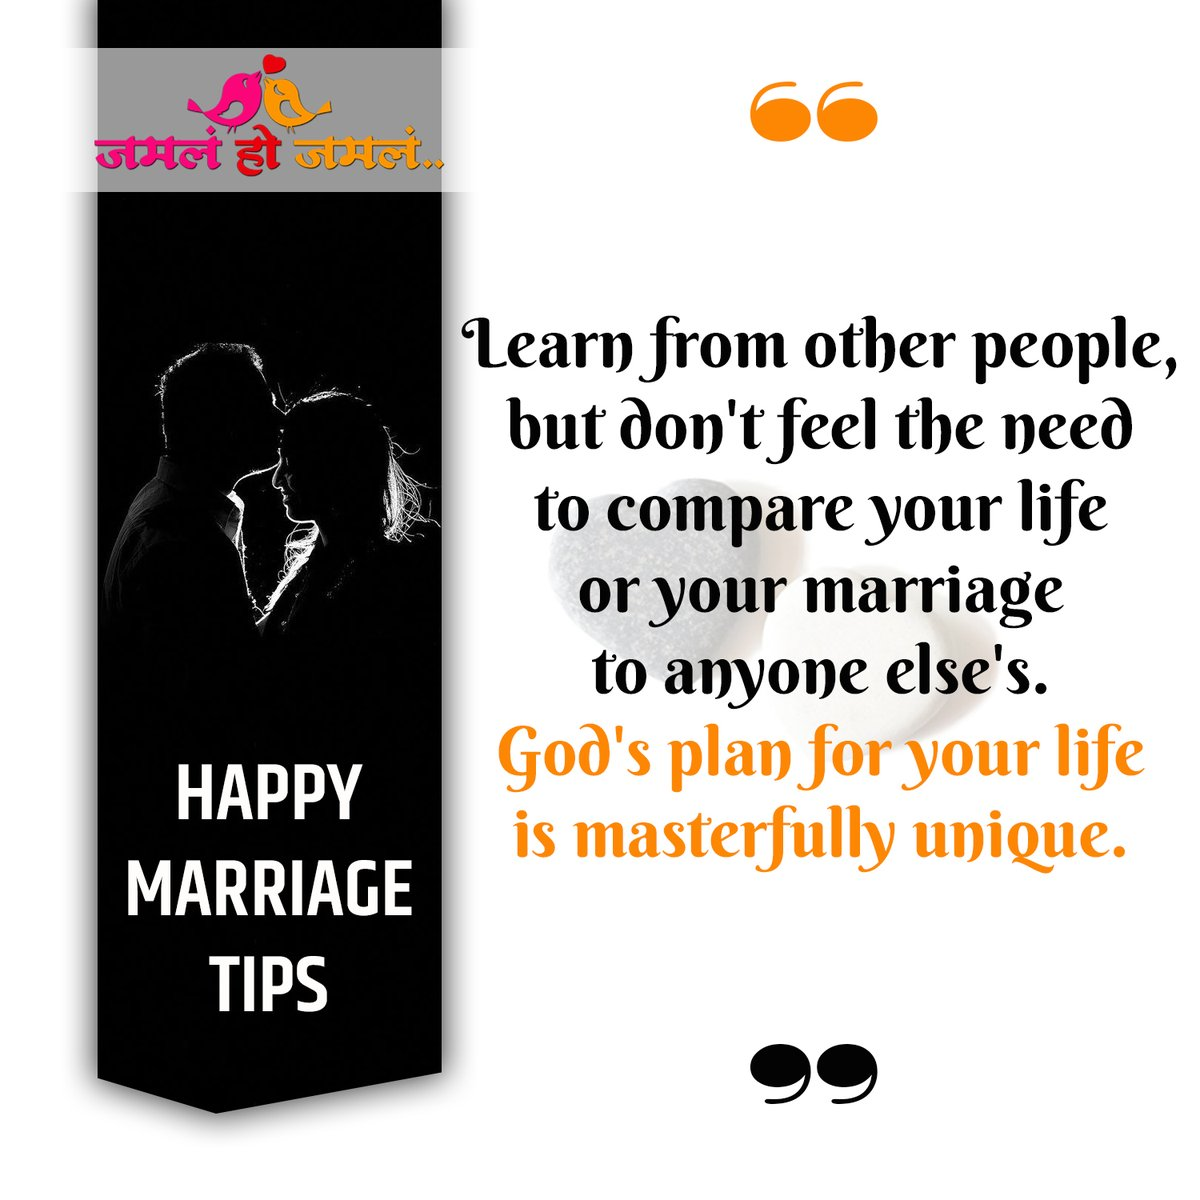 #Wedding #Bride #WeddingDay #WeddingInspiration #Marriage #InstaWedding #marathi #maharashtra #marathistatus #marathimulga #marathimulgi #mimarathi #maharashtrian #prem #marathiactress #marathiweddings #marathibrides #marathigrooms #HappyMarriage #HappyCouple #JamalHoJamalpic.twitter.com/awYKj3Bgx7